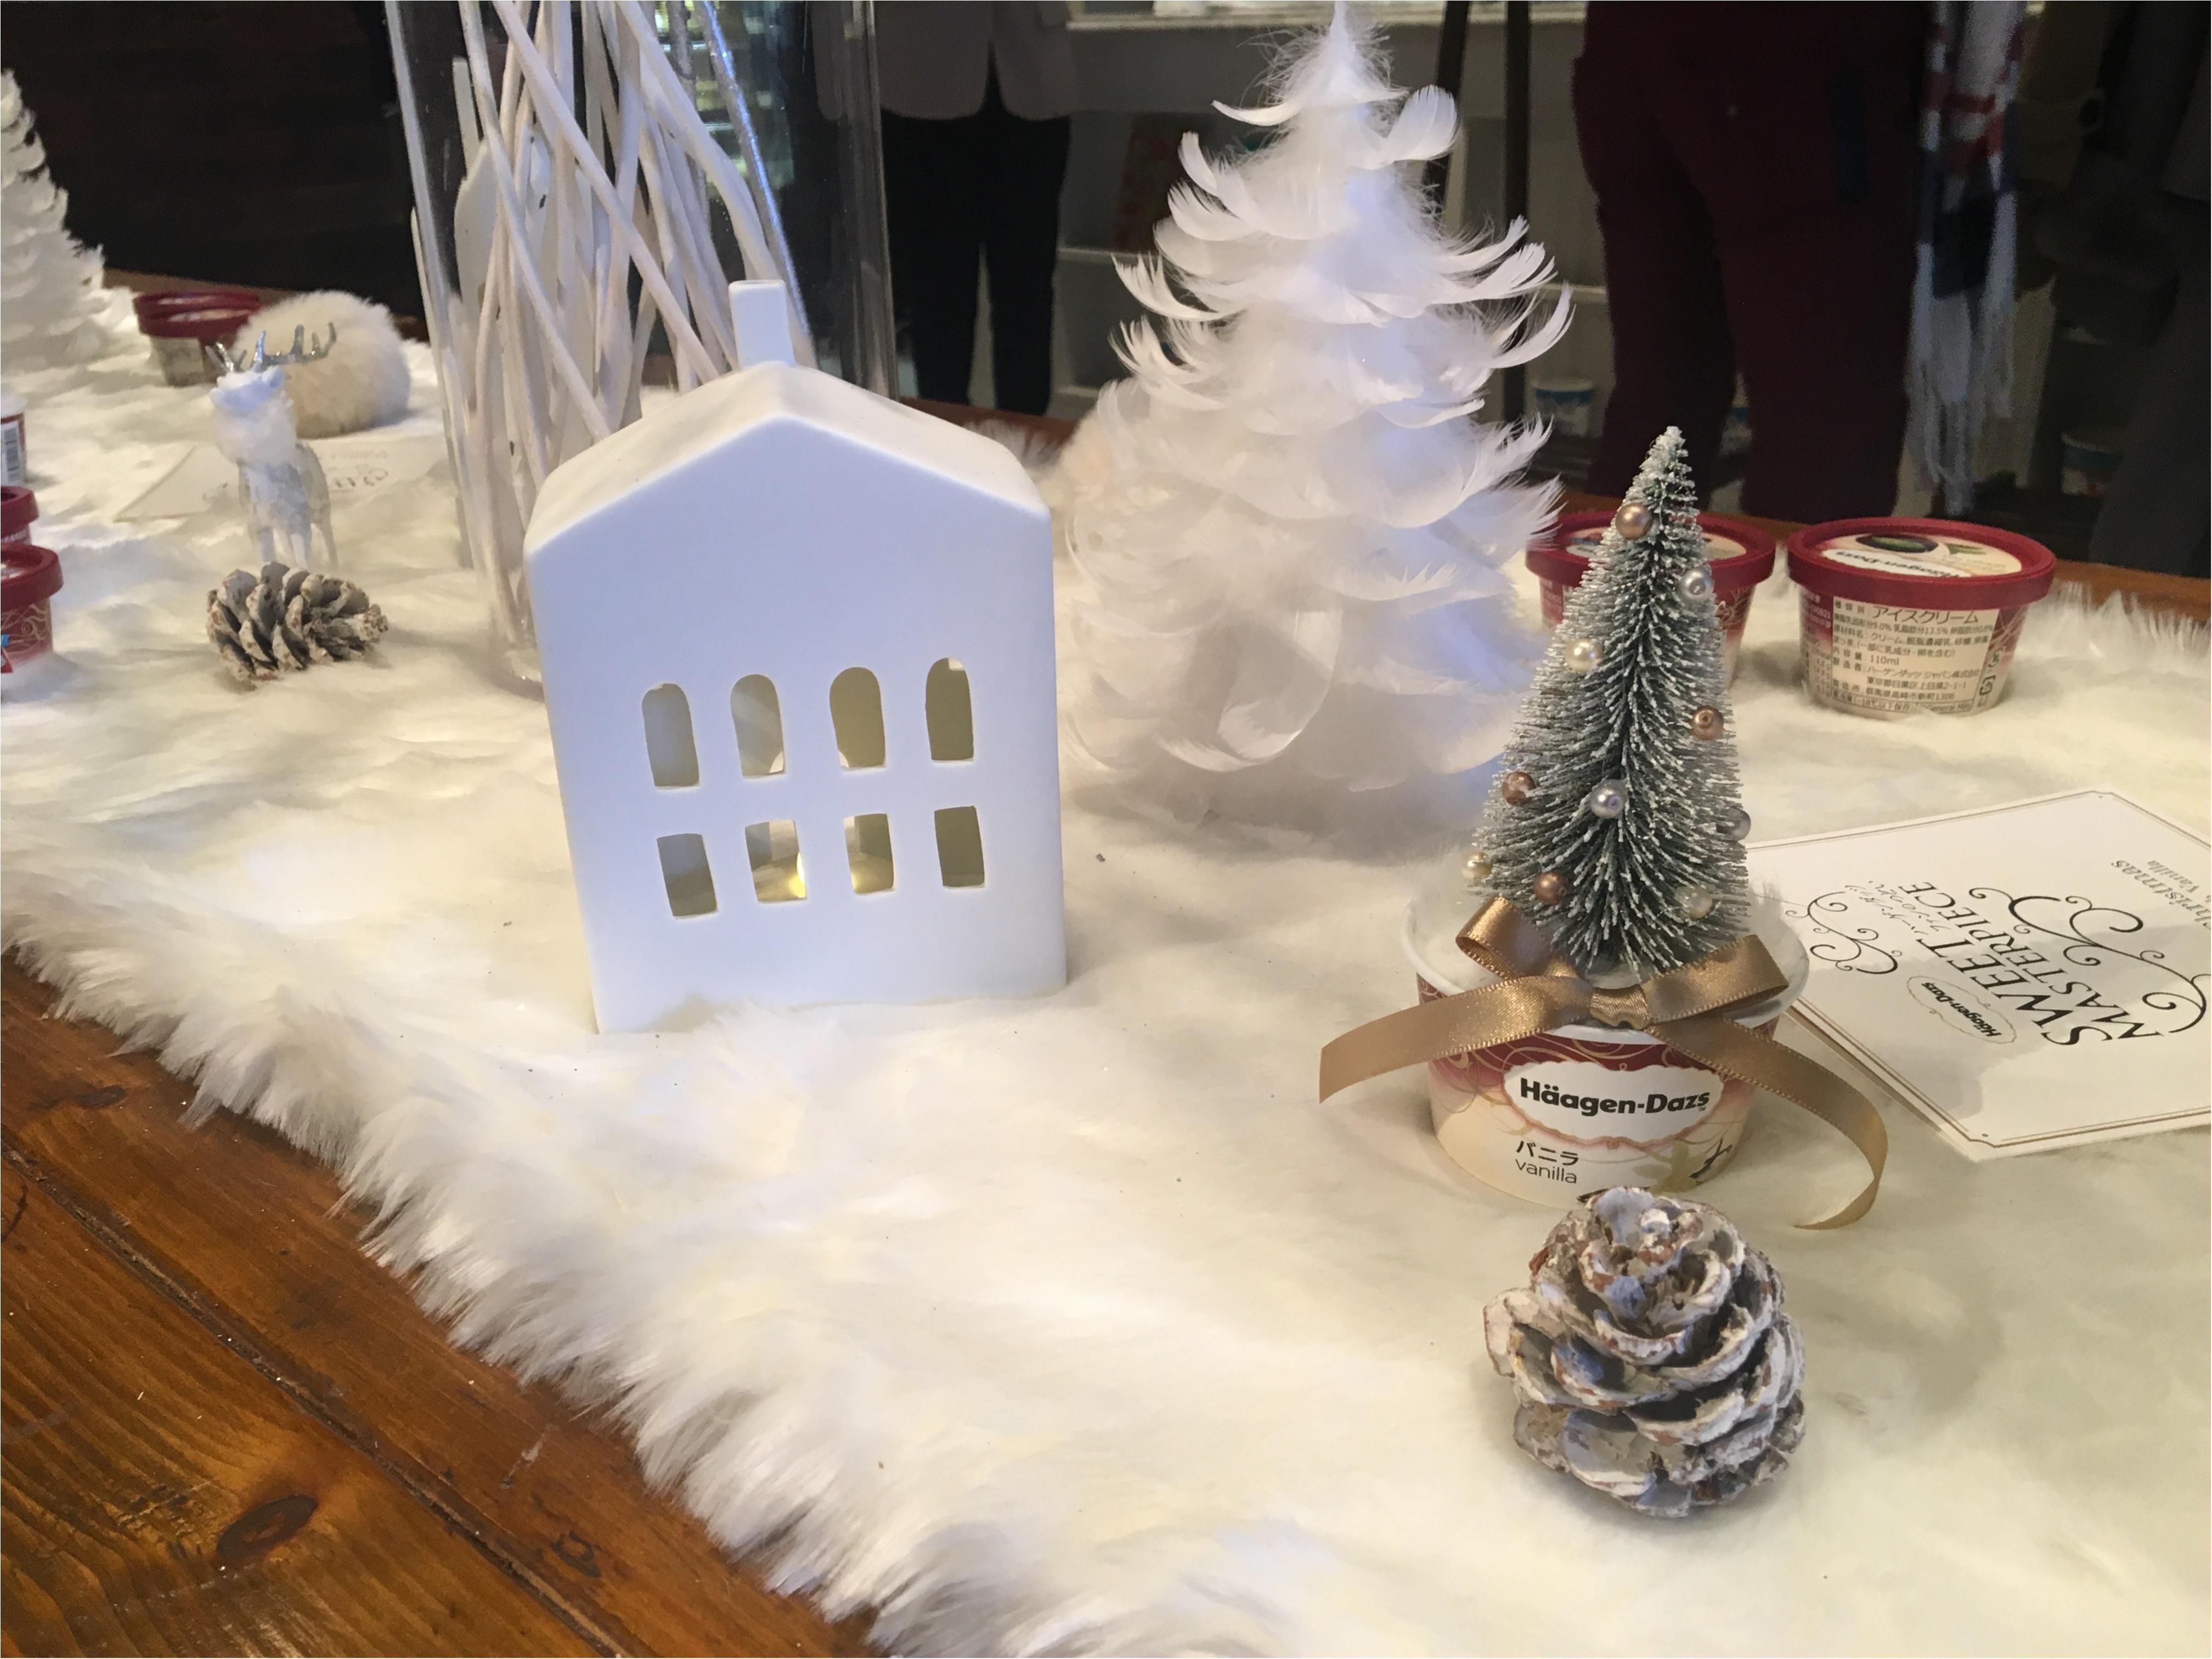 【イベントレポ】12/5発売の新商品も食べられちゃった!素敵すぎる「ハーゲンダッツクリスマスパーティー」_3